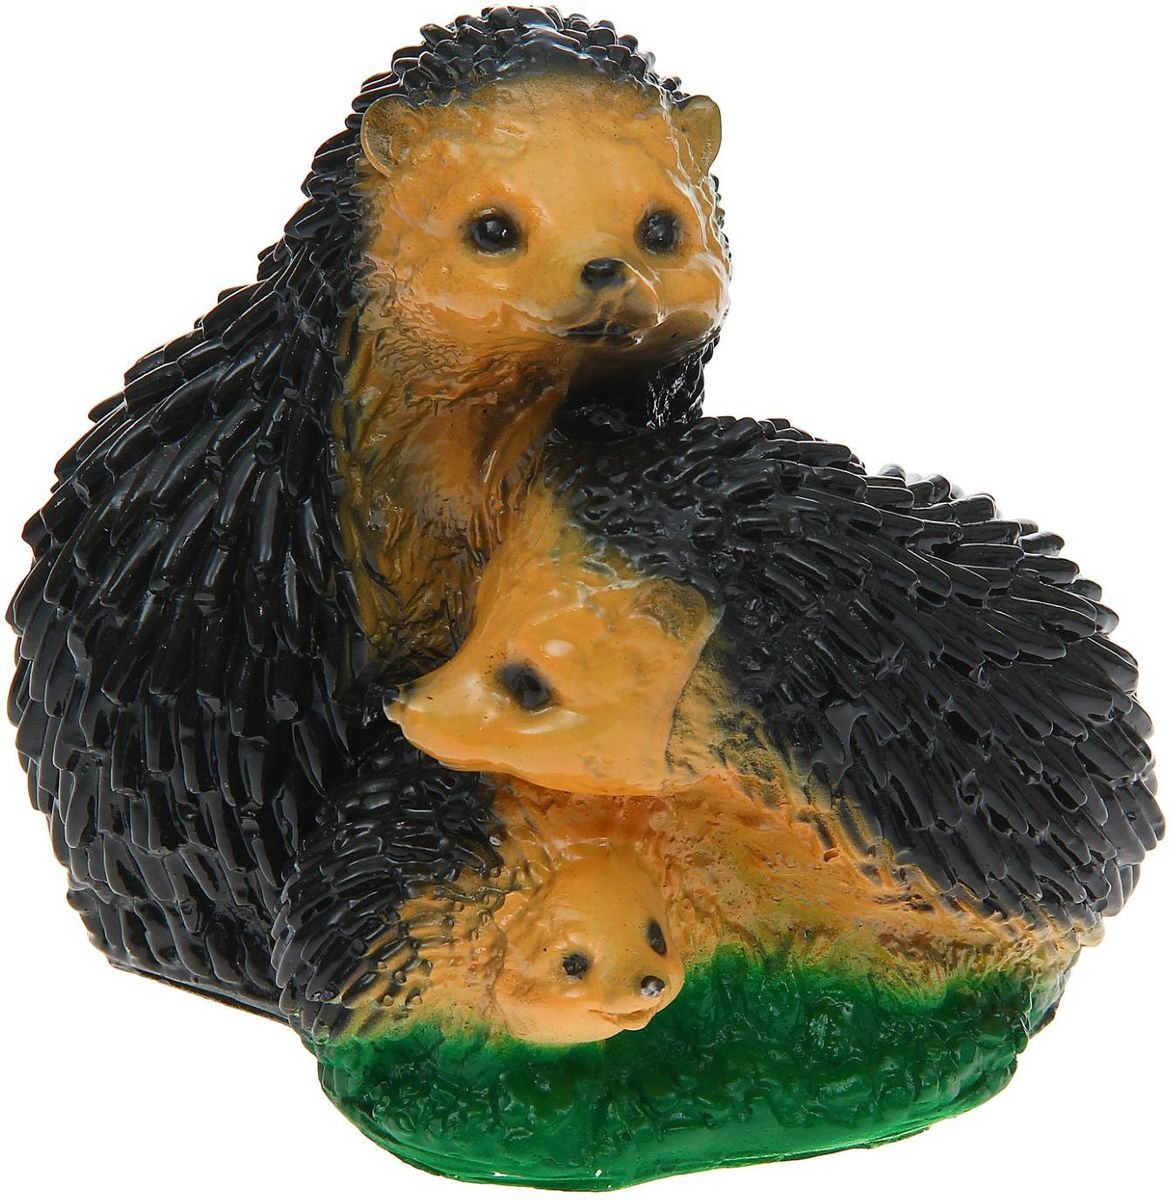 Фигура садовая Семейка ежиков, 17 х 21 х 20 см1160685